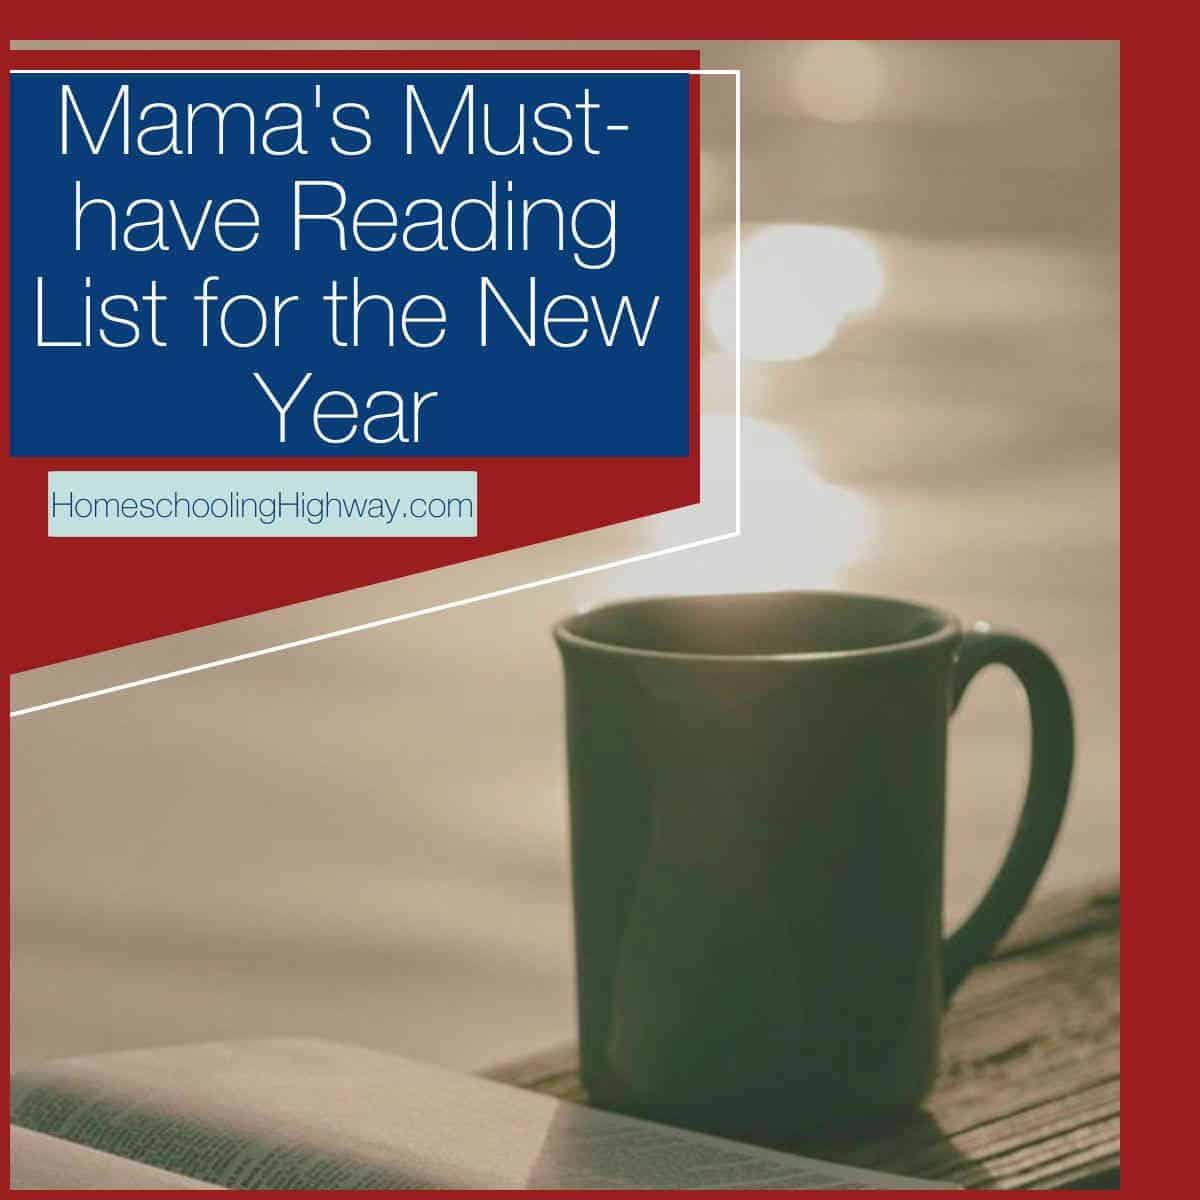 Moms best homeschooling resource